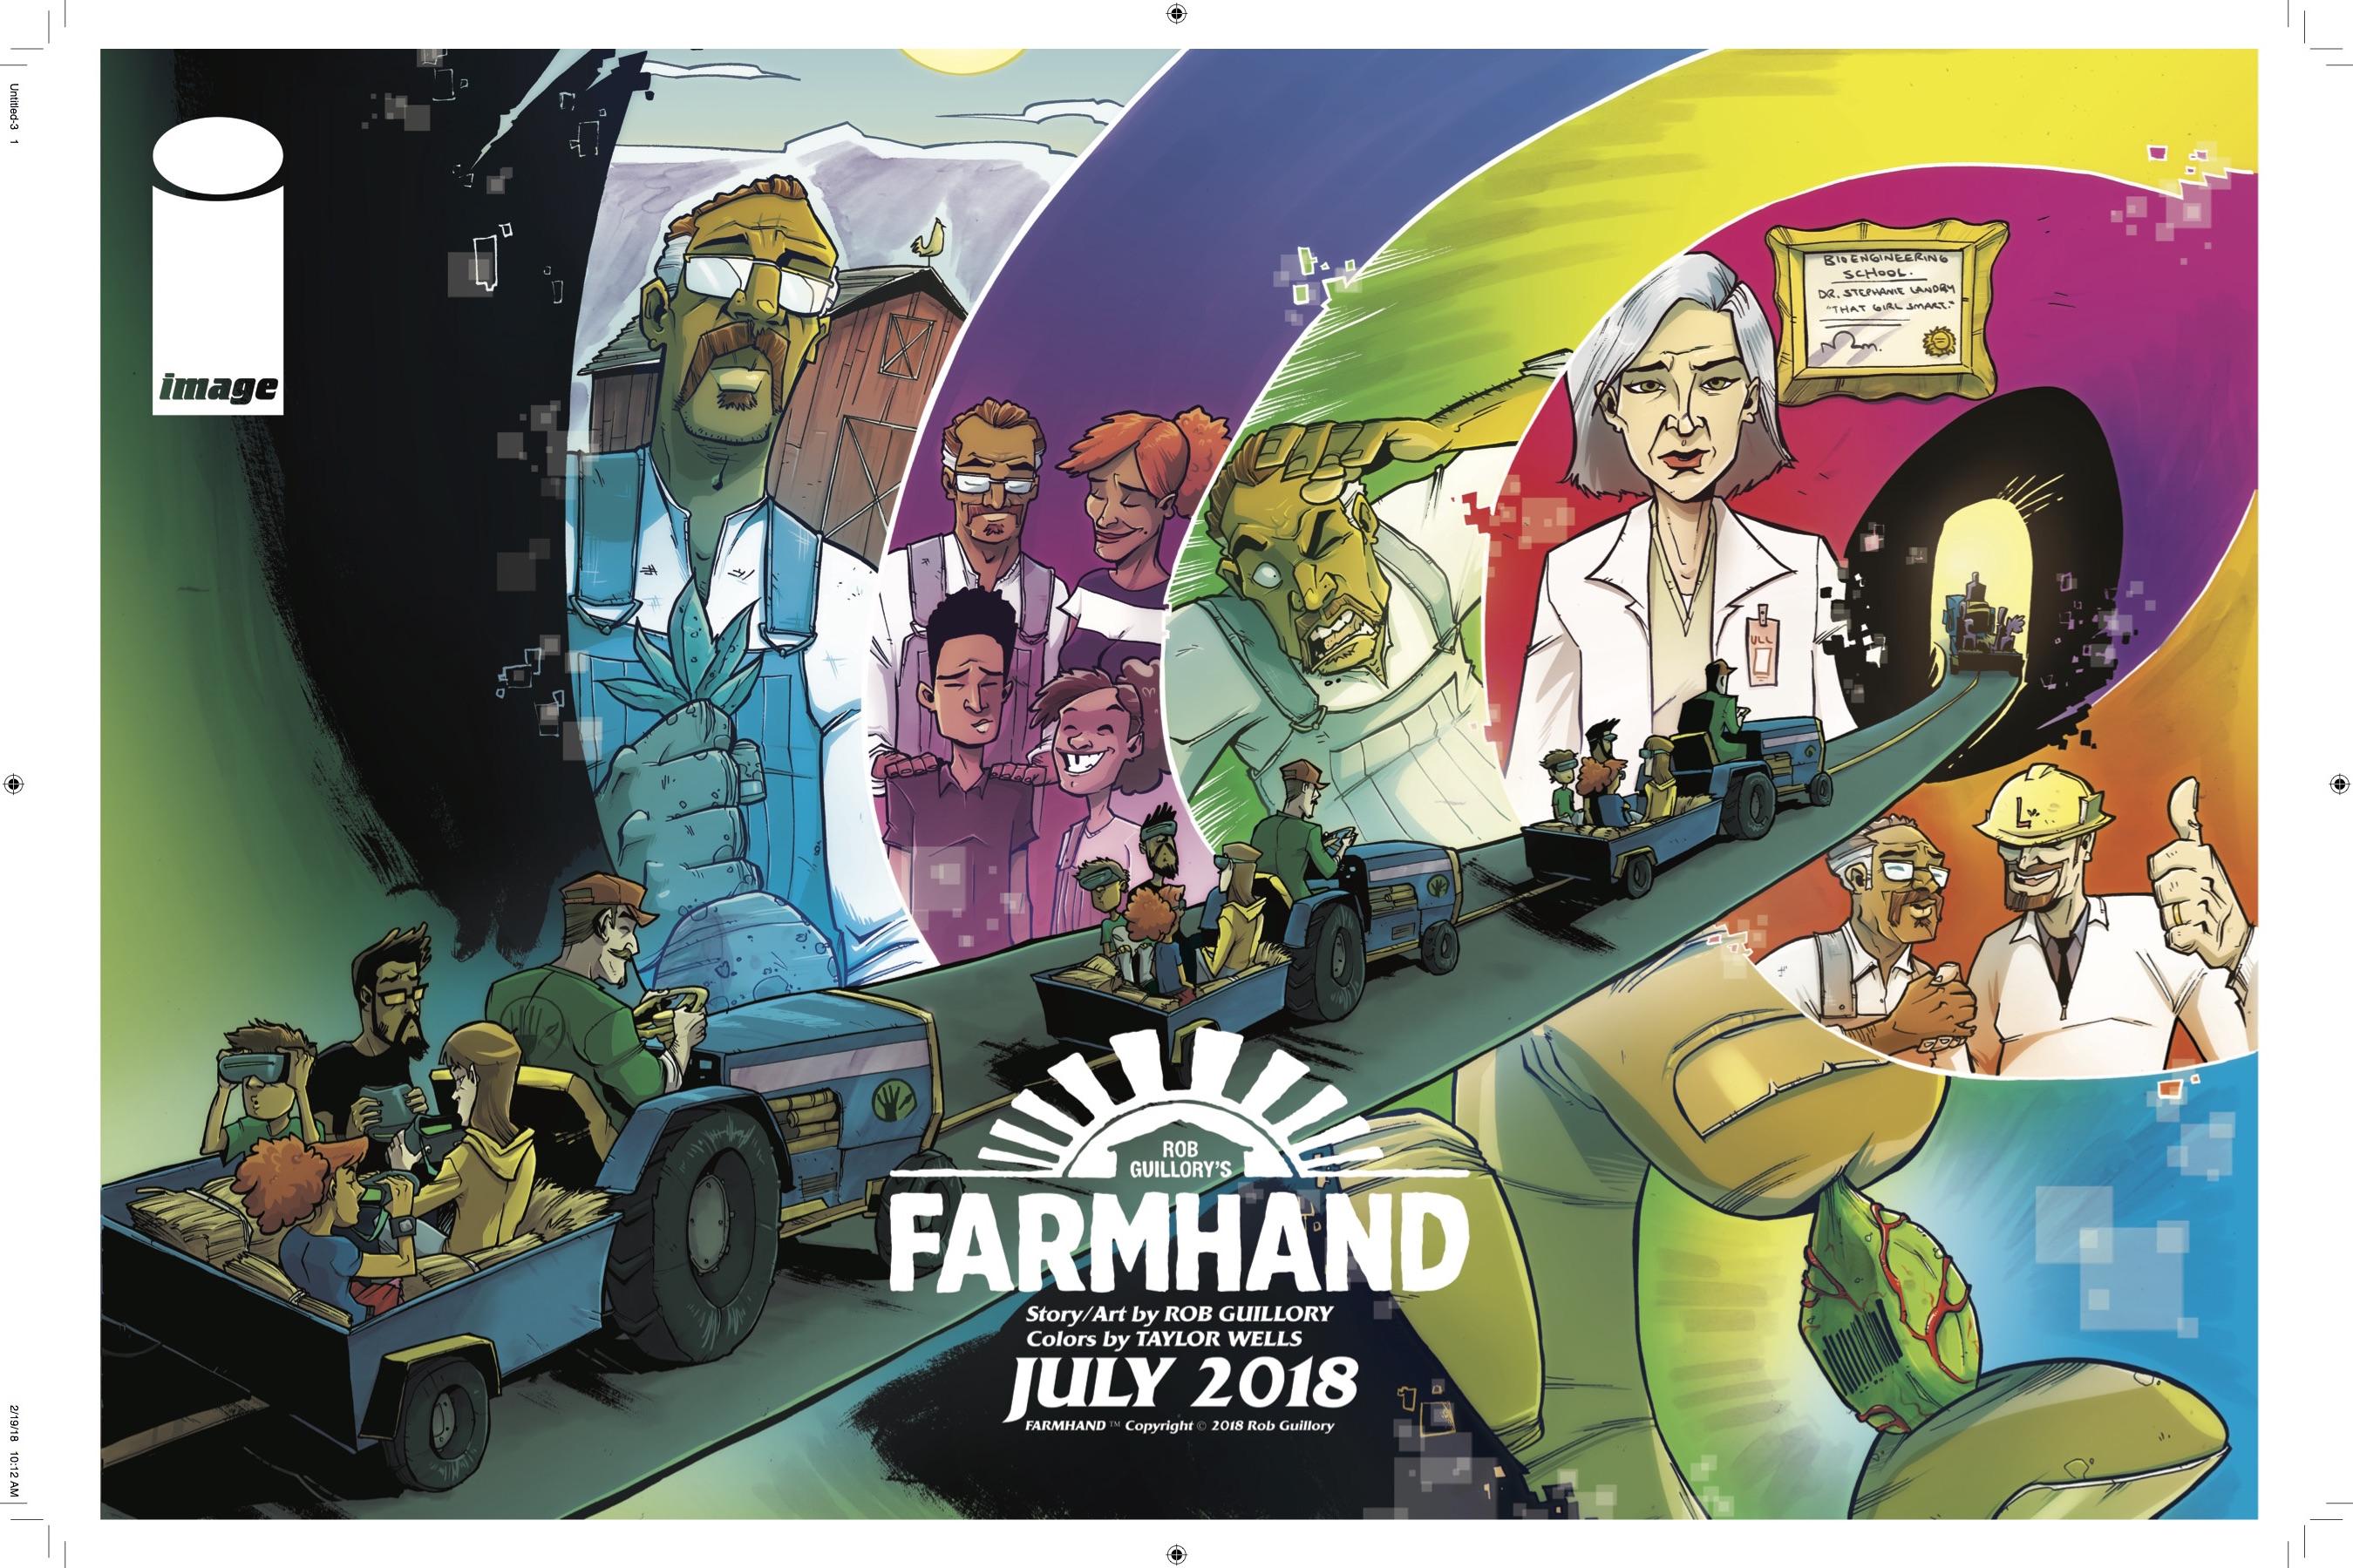 http://www.pastemagazine.com/articles/farmhandslide.jpg